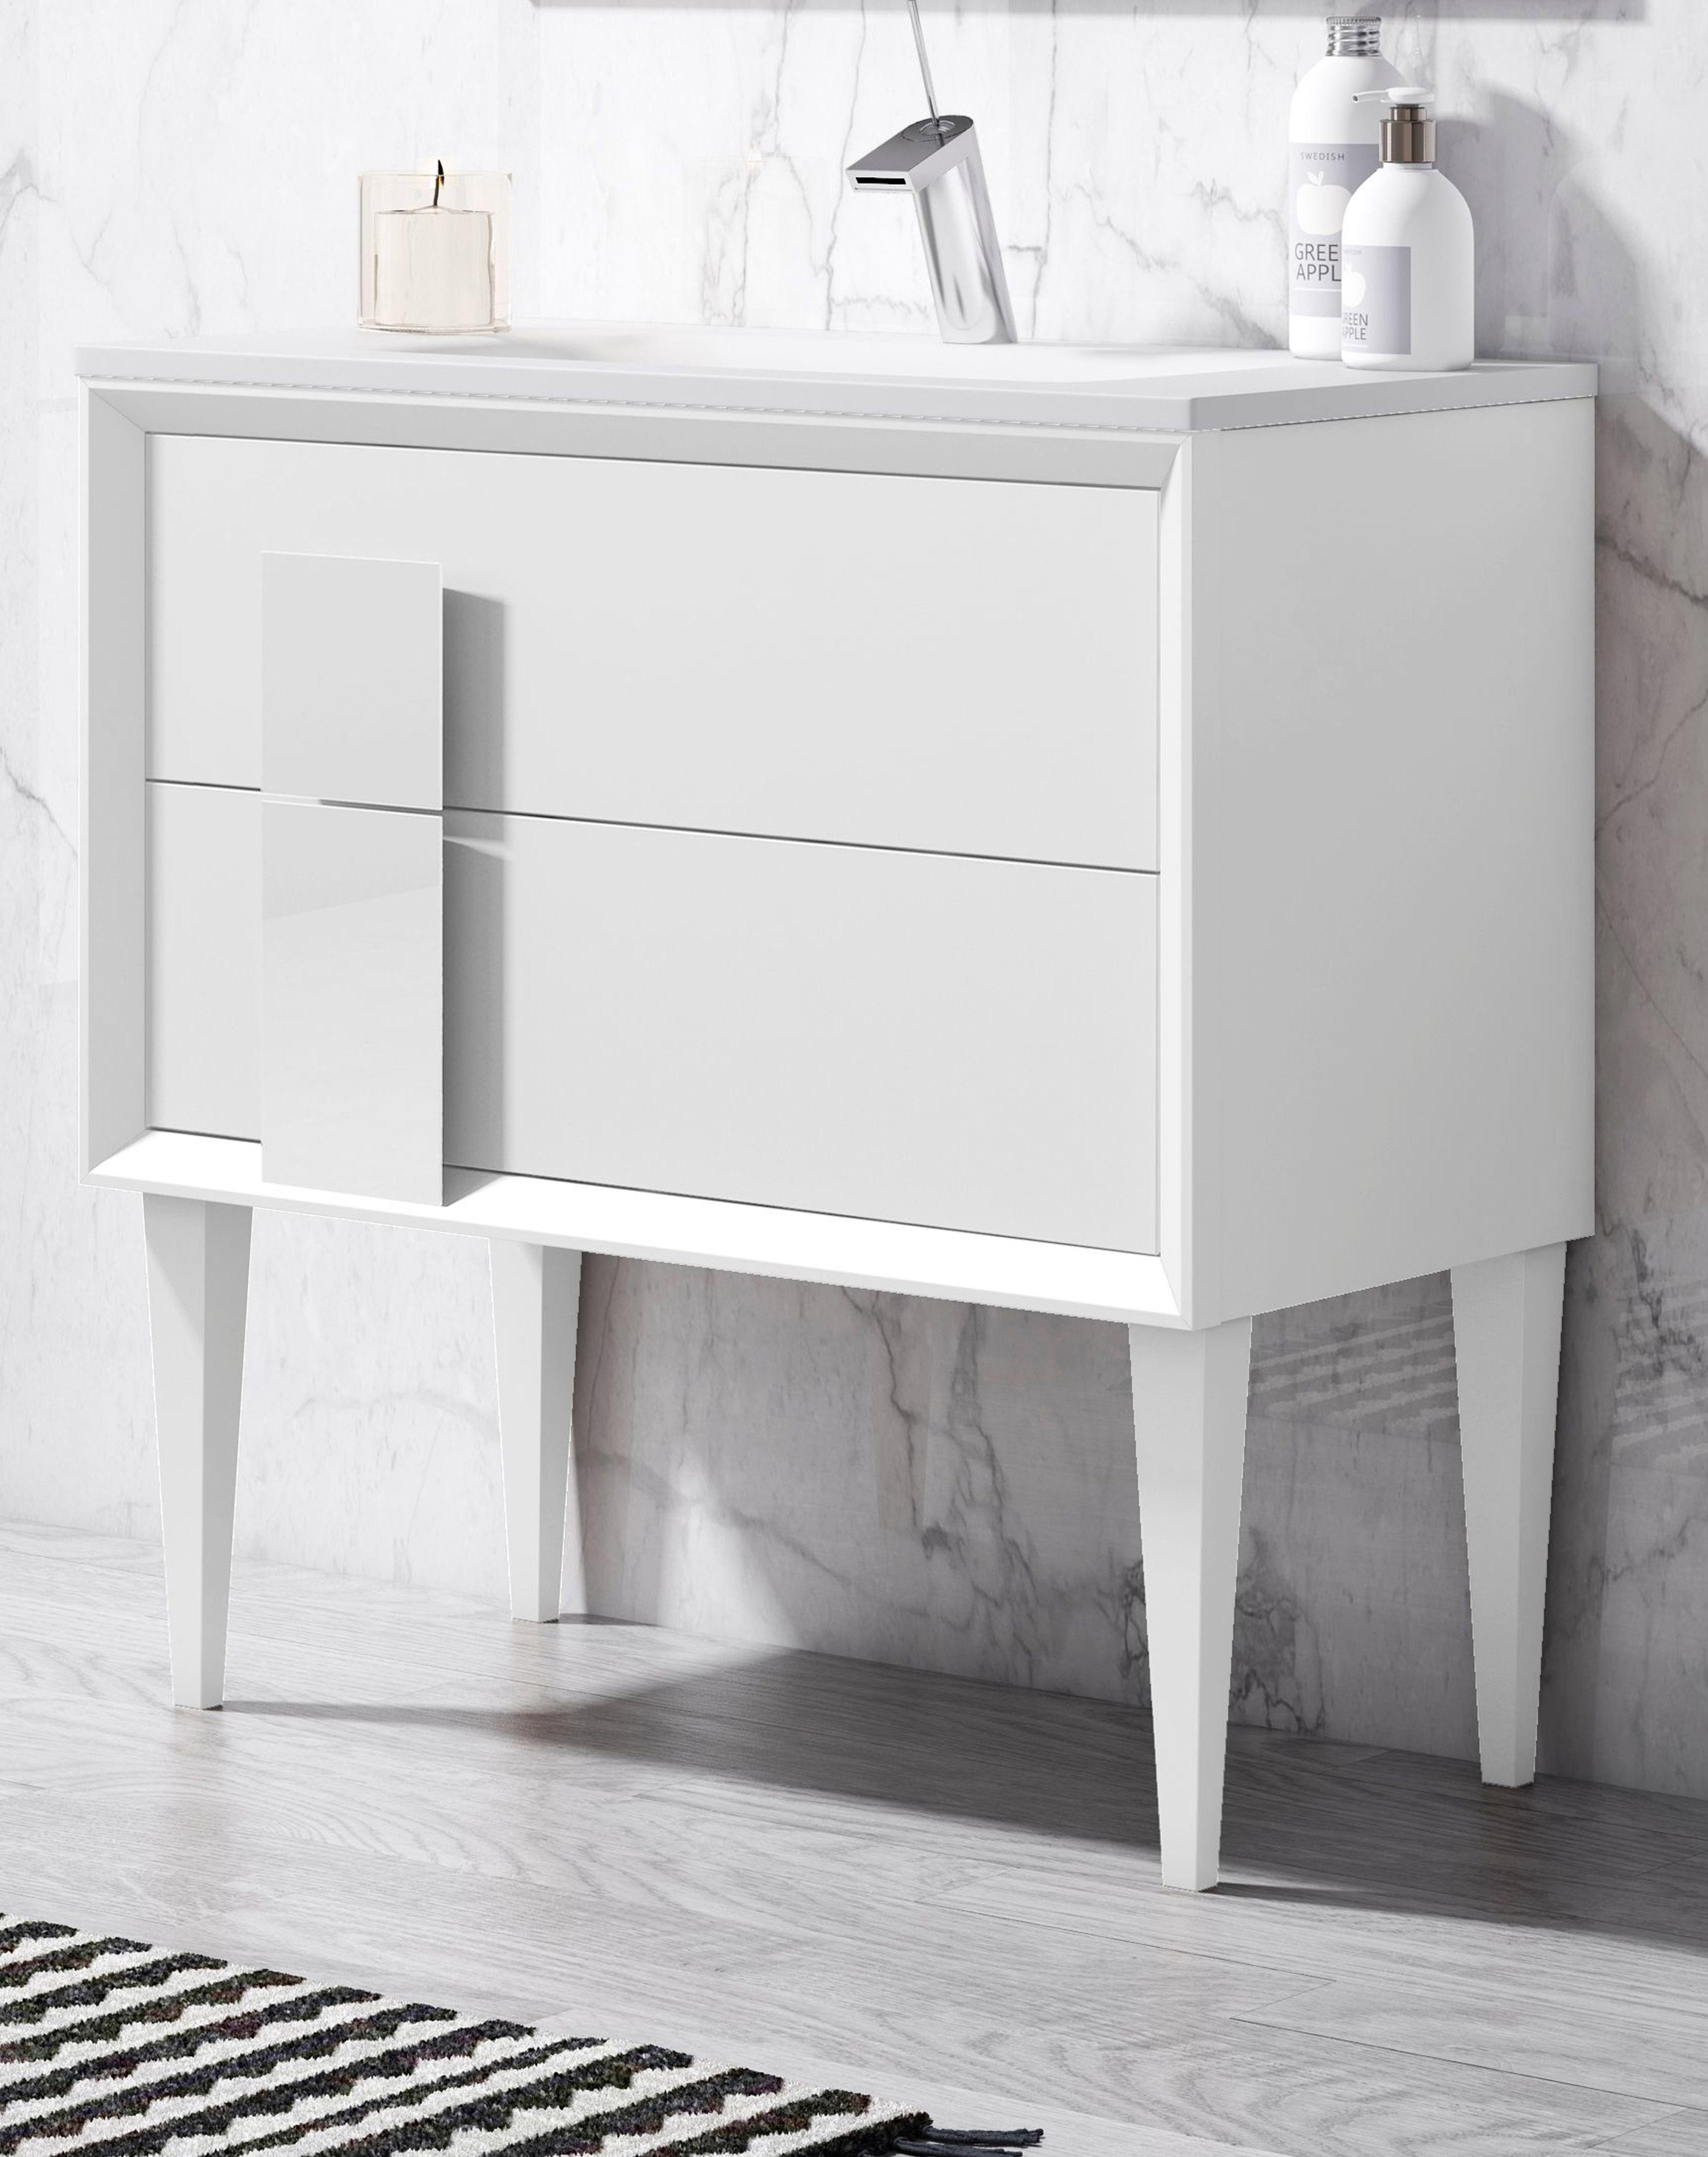 """32"""" Free Standing Single Sink Bathroom Vanity 2 Drawer with Ceramic Sink"""